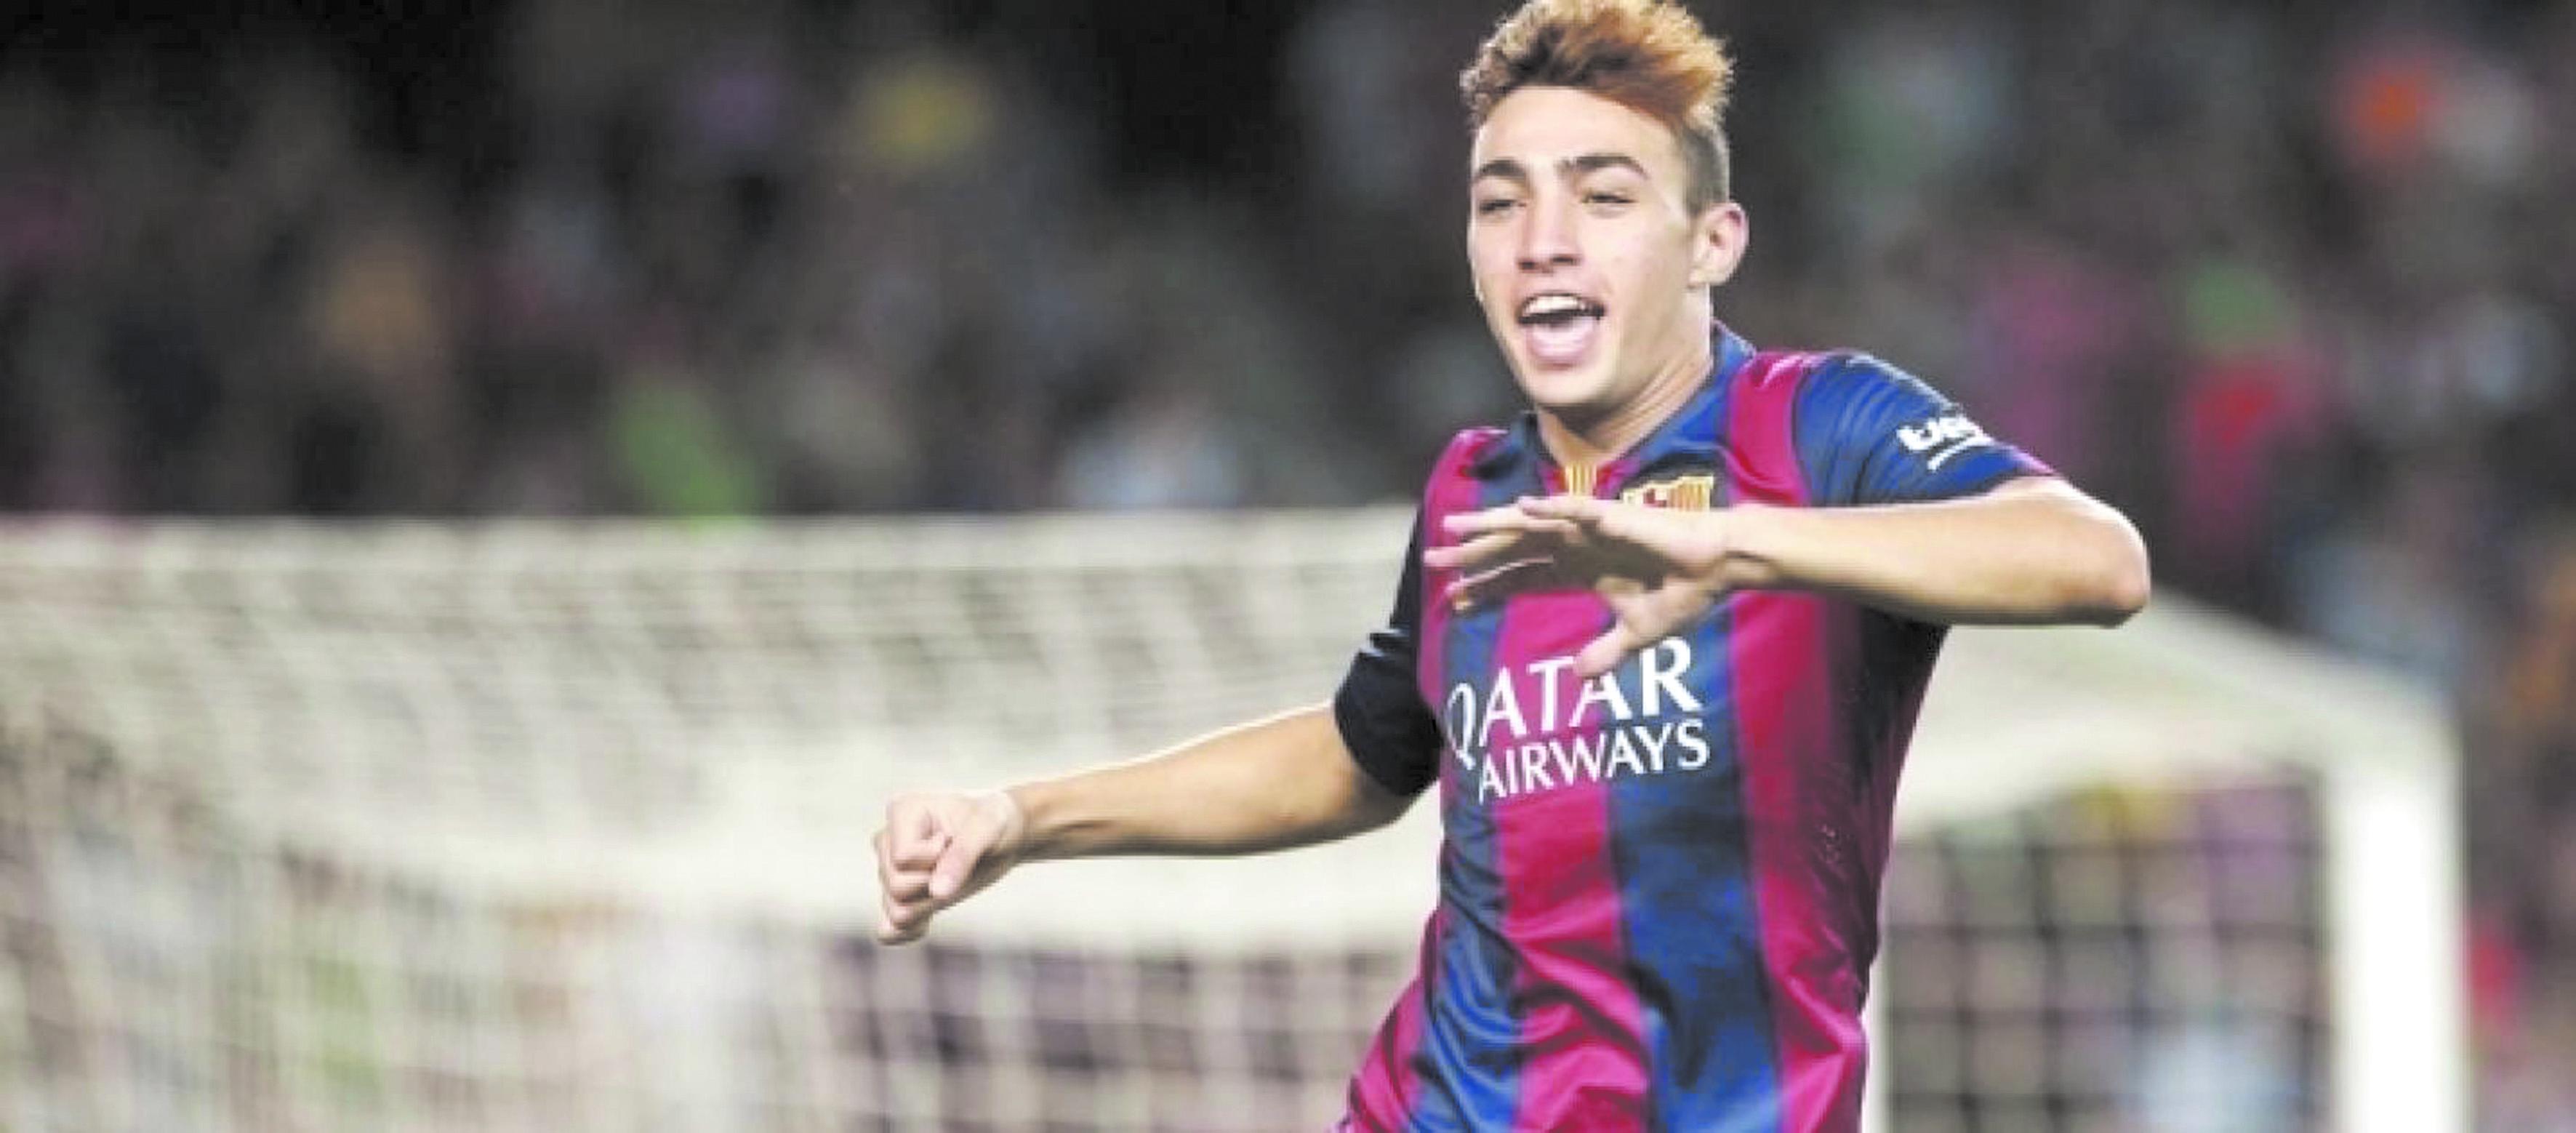 Munir Haddadi vaut 14 millions d'euros  Le Barça n'est pas disposé à brader son joueur bien qu' il n'entre pas dans les plans de Valverde